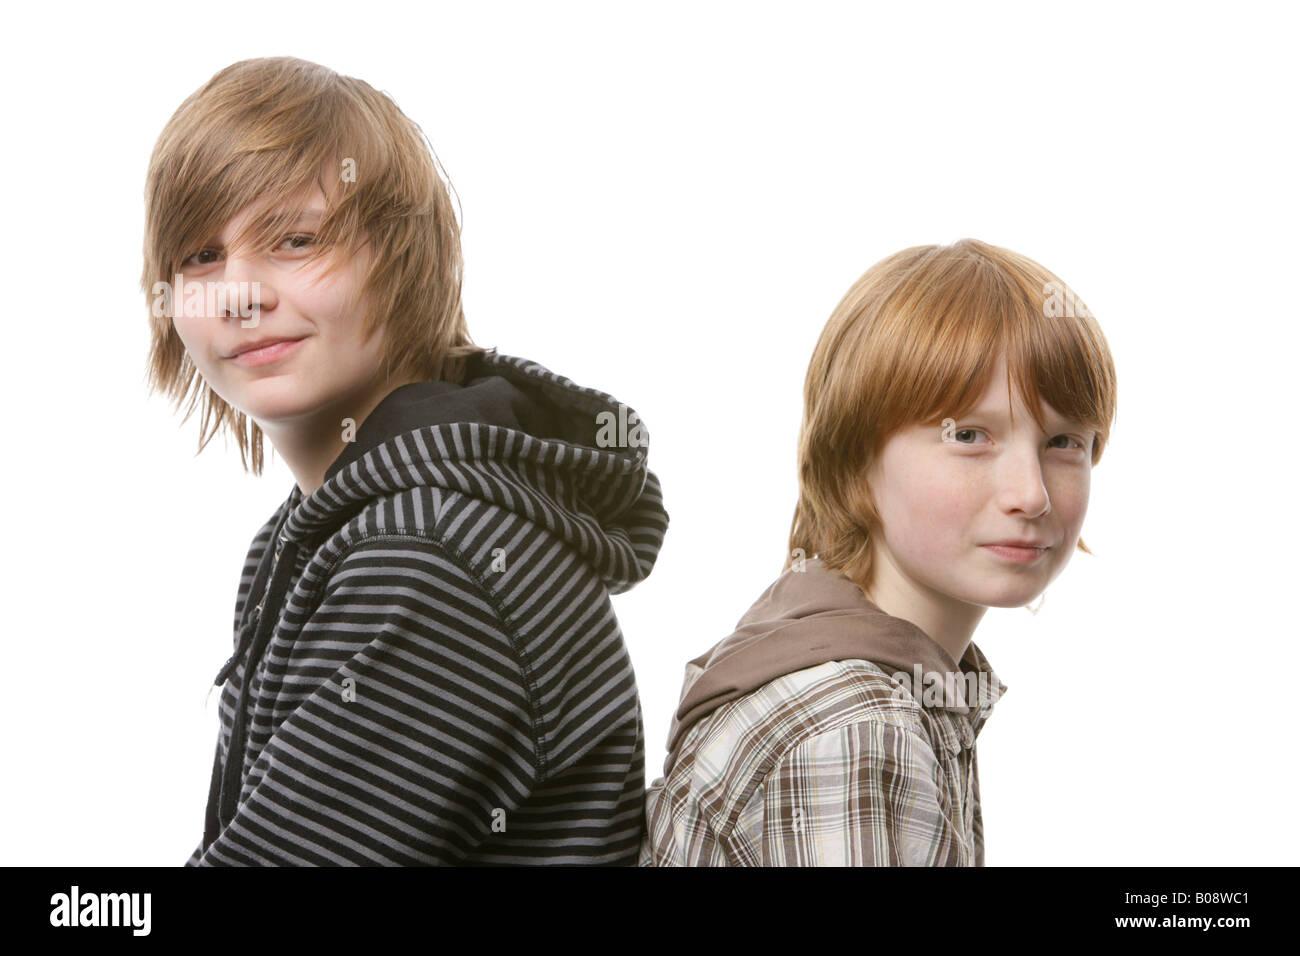 Zwei Jungs, 12 Und 13 Jahre Alt, Wieder Zurück Stockfoto